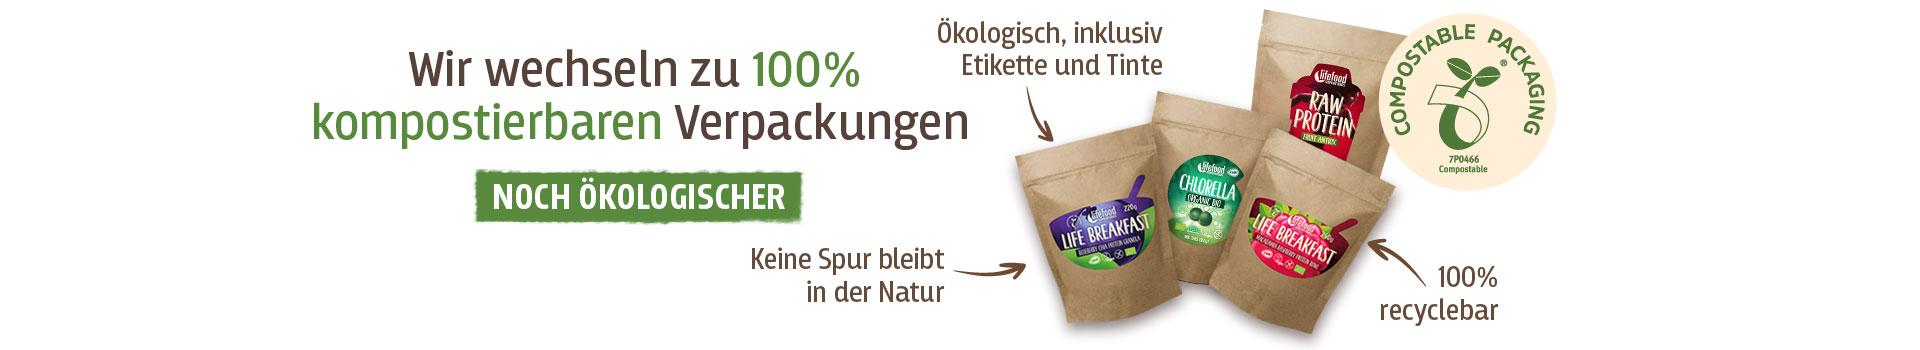 kompostierbare-verpackung